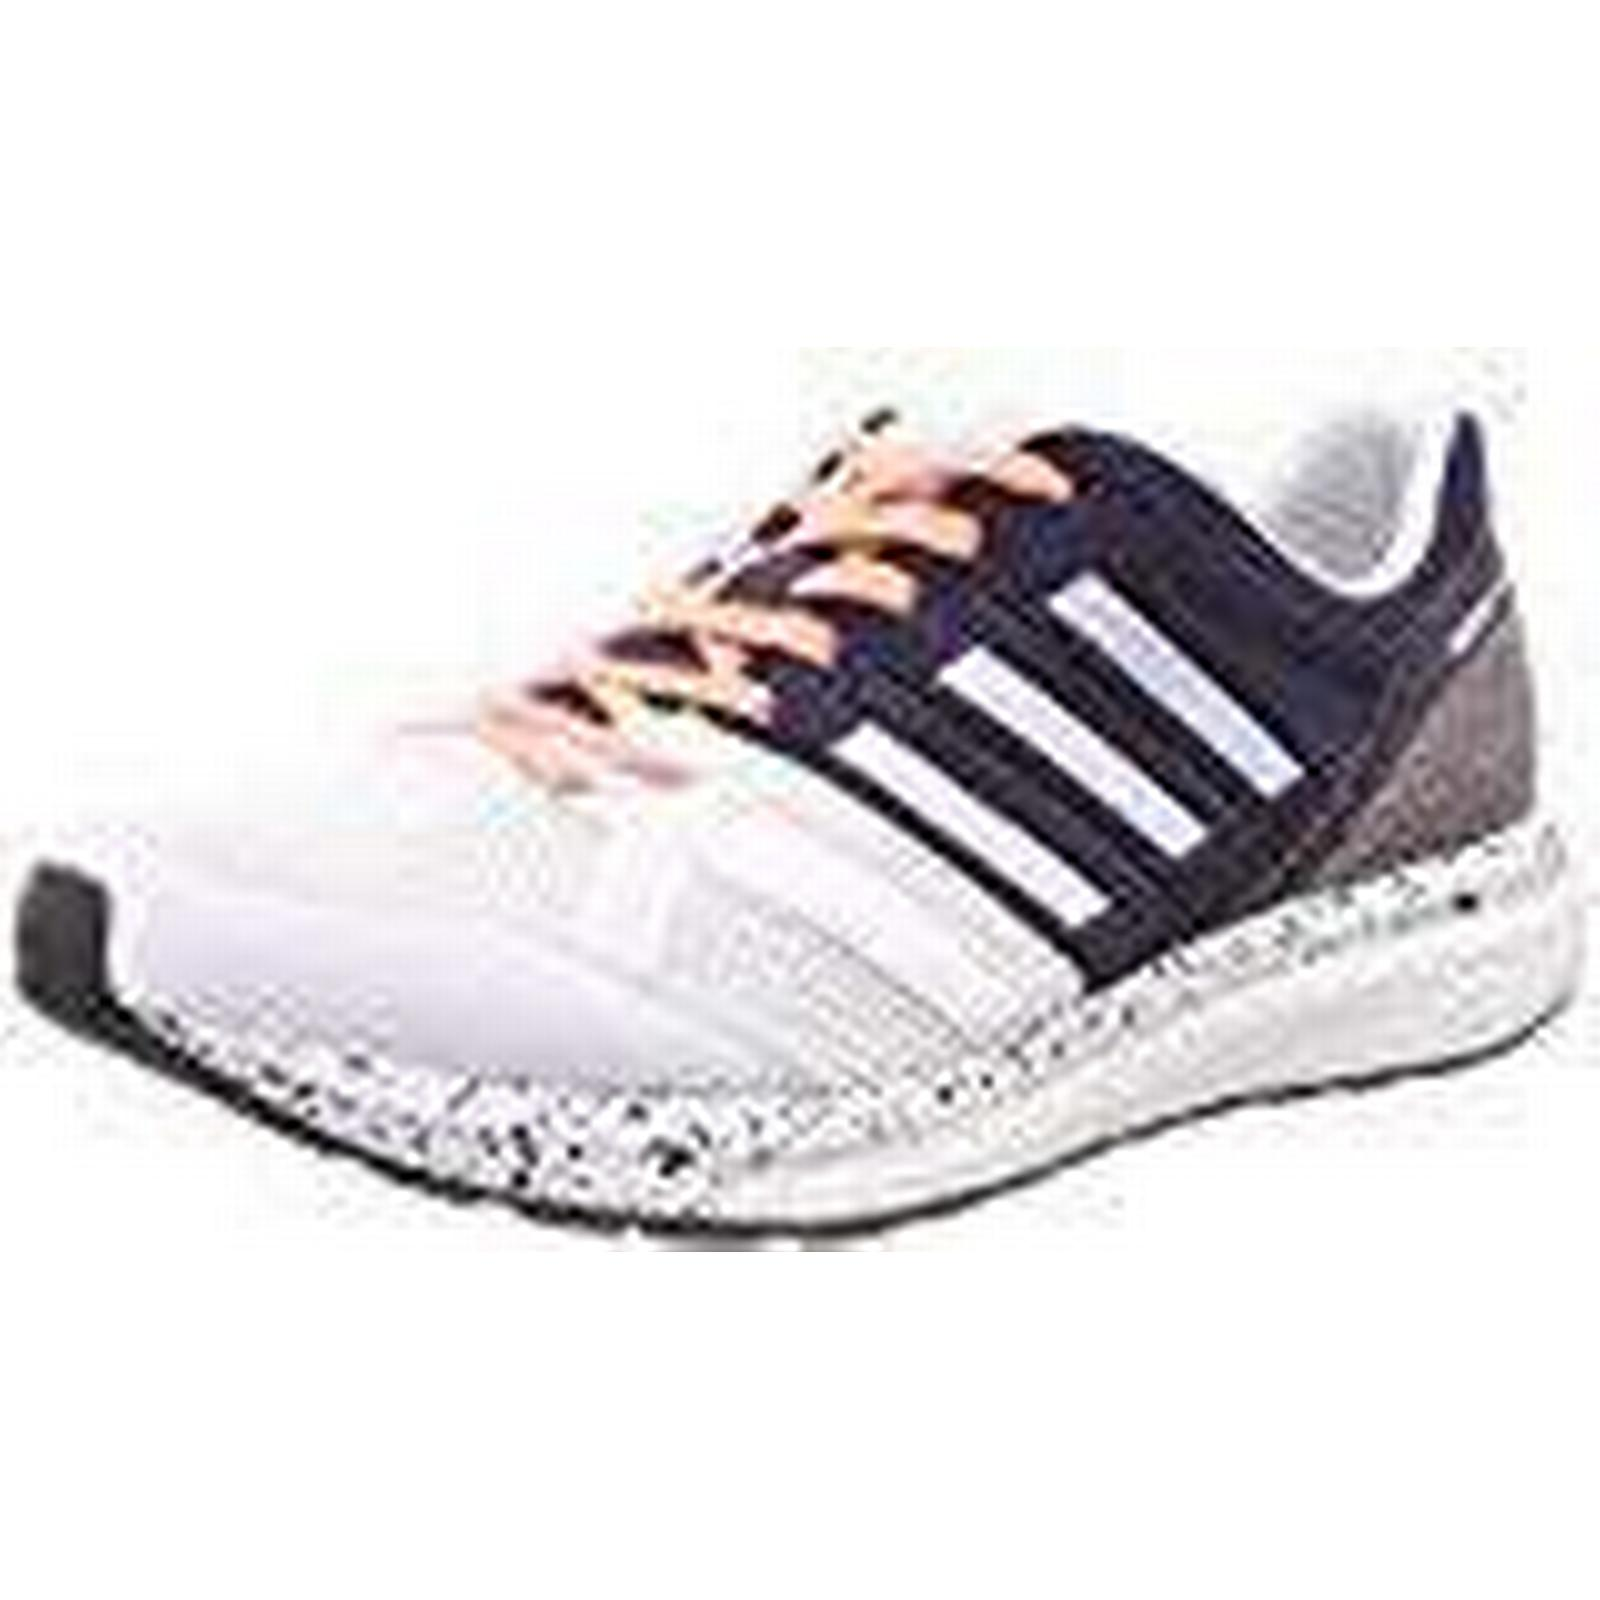 Adidas Women's White Adizero Tempo 9 Training Shoes, White Women's Ftwwht/Aerblu/Cblack, 5 UK 154bd8